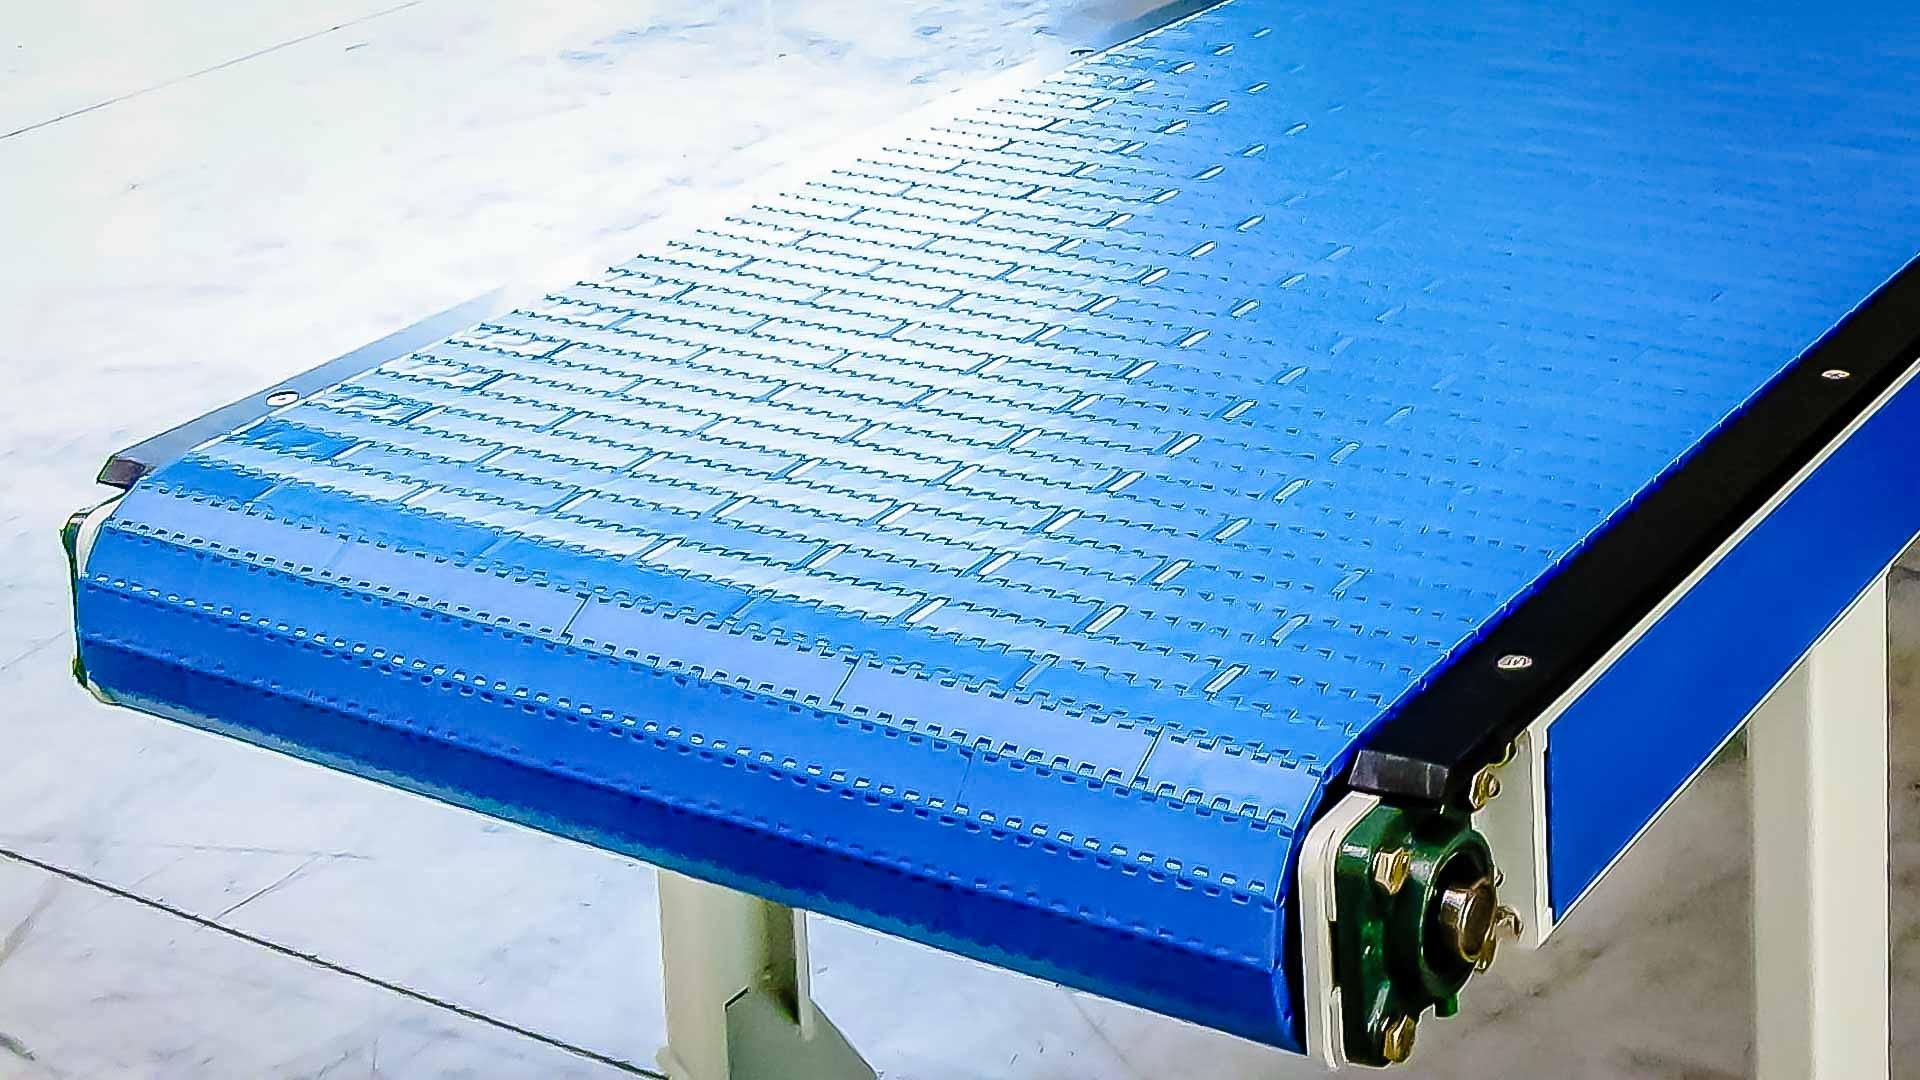 Fo-rdertechnik-Gliederbandkettenfo-rderer-01.jpg